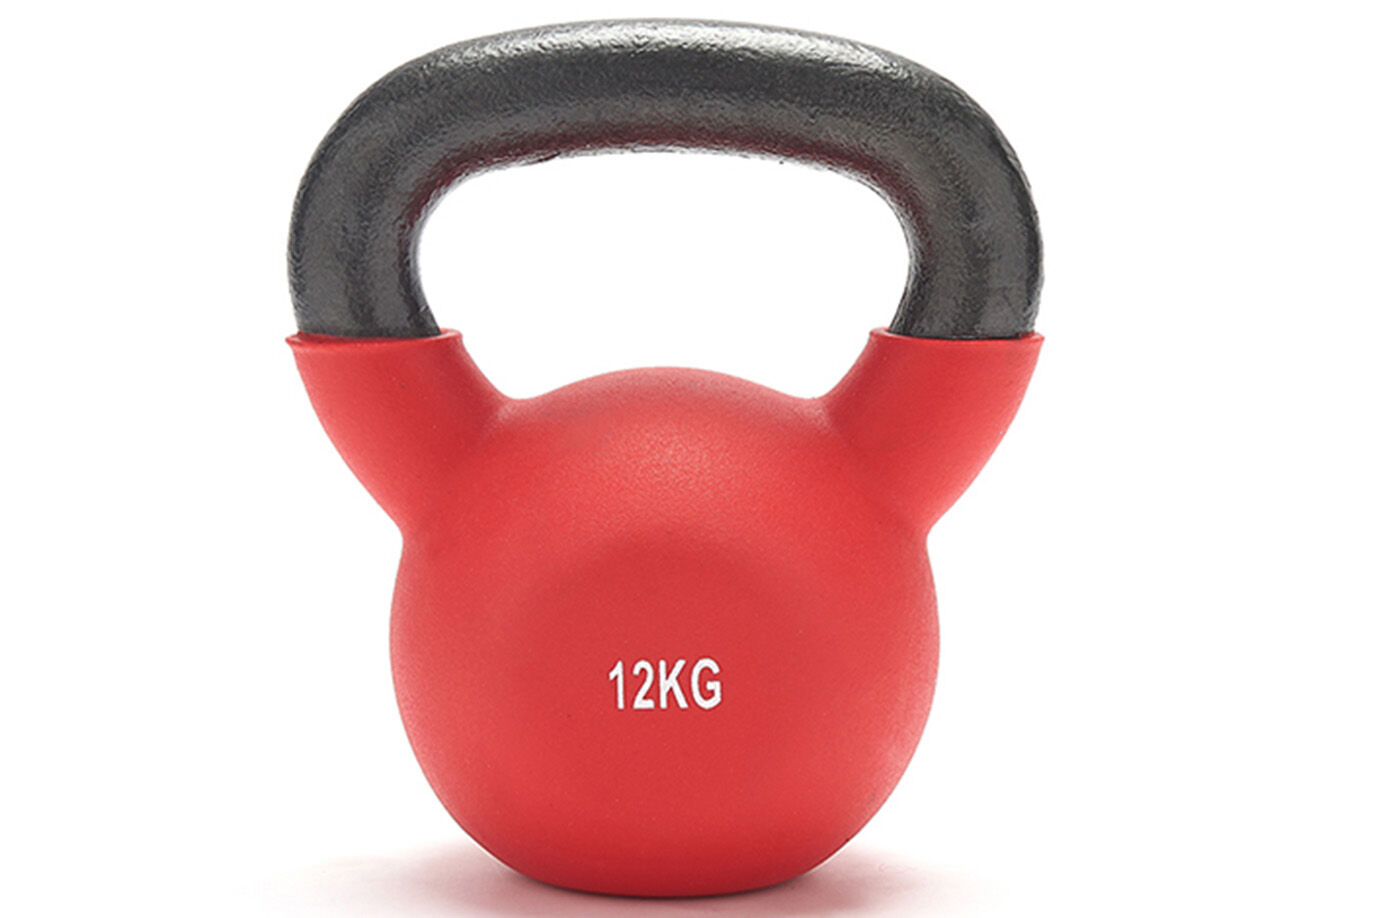 12kg Kettlebell | JTX Fitness